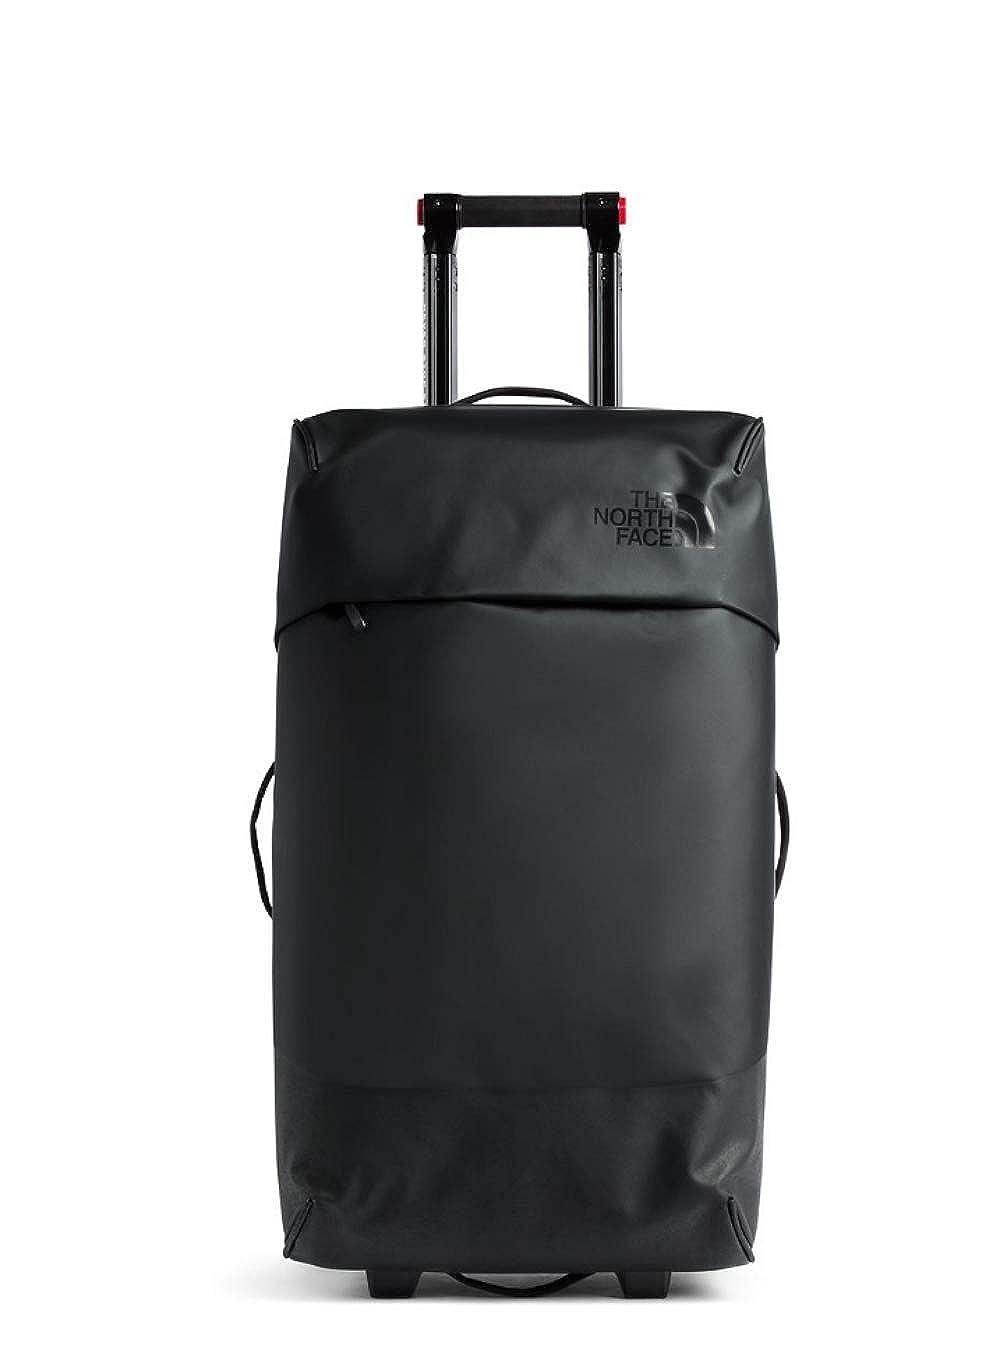 (ザノースフェイス) THE NORTH FACE STRATOLINER-L ミリタリー旅行キャリアバッグ (並行輸入品) B07MYPK3VY TNF BLACK One Size